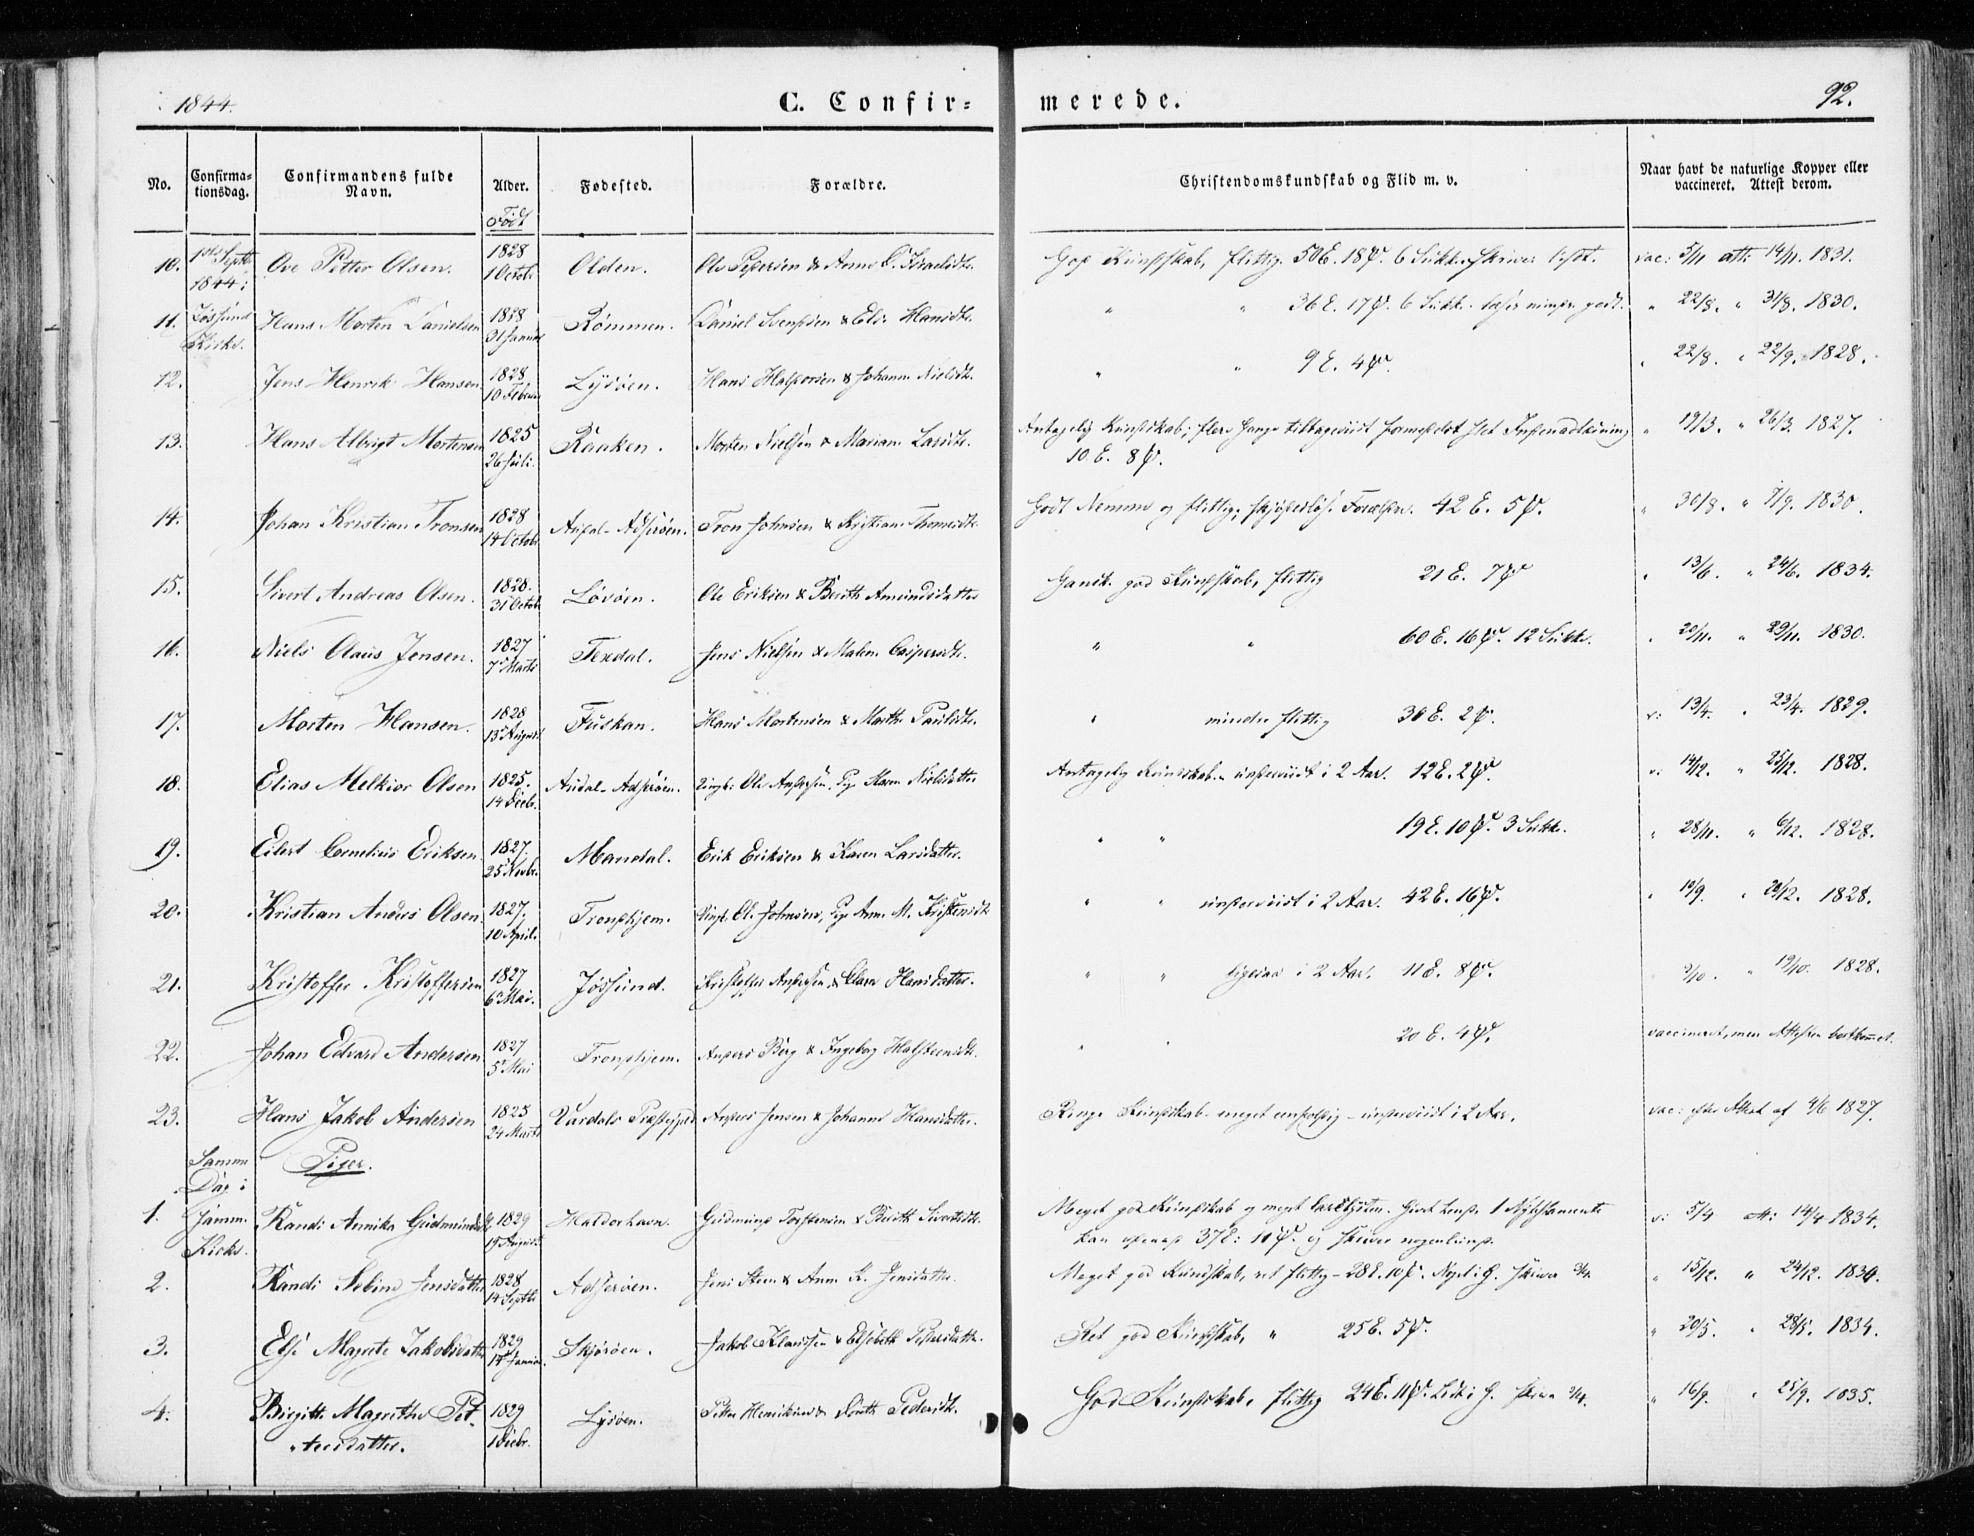 SAT, Ministerialprotokoller, klokkerbøker og fødselsregistre - Sør-Trøndelag, 655/L0677: Ministerialbok nr. 655A06, 1847-1860, s. 92